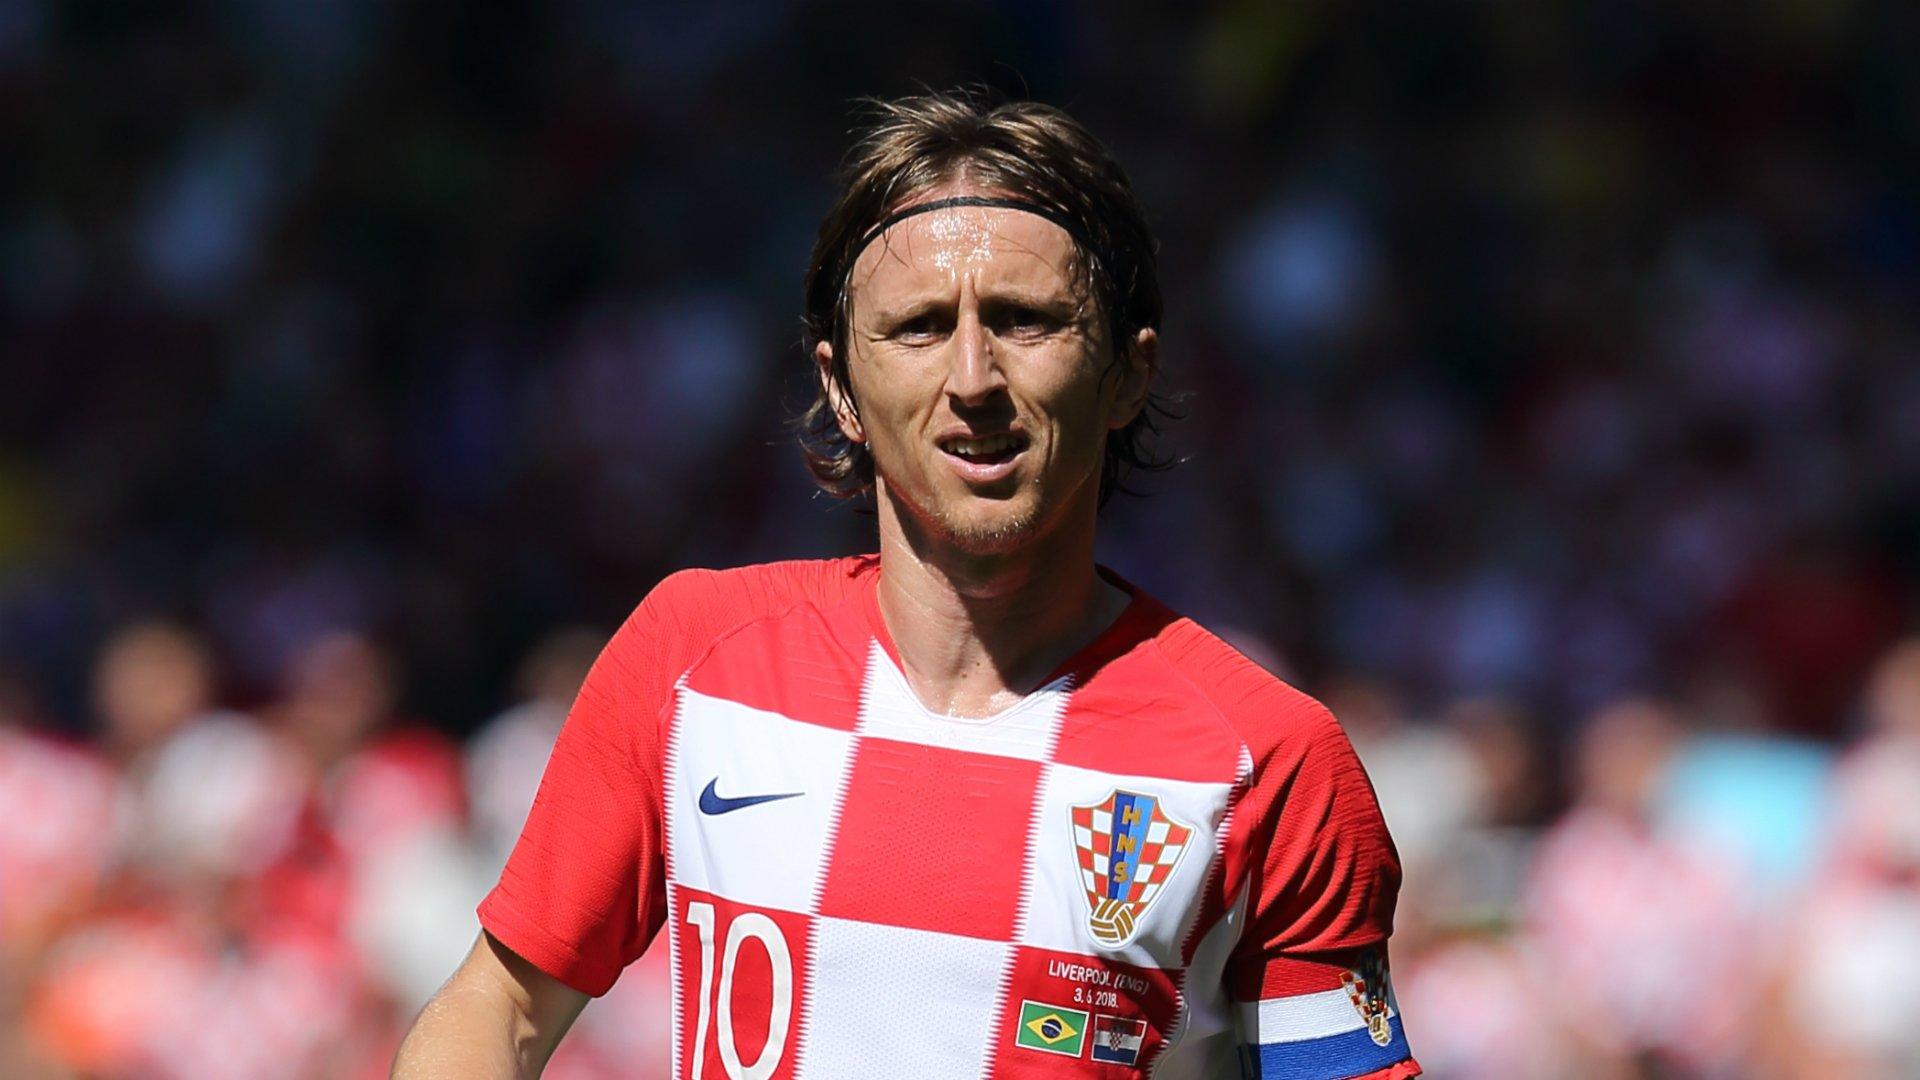 Хорватия – Англия: ставки, коэффициенты и прогнозы букмекеров на матч 11 июля 2018 года